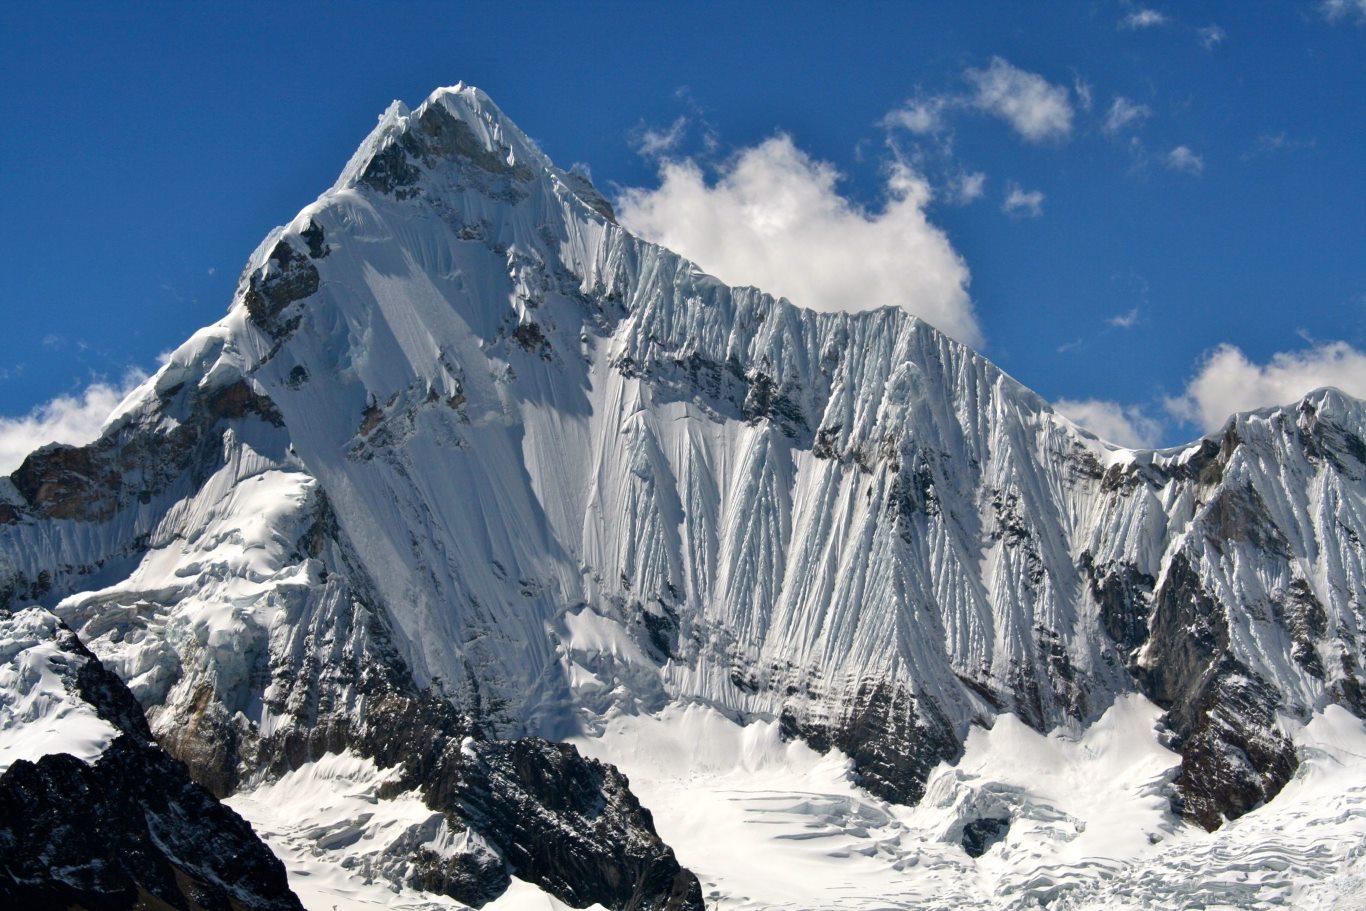 Yerupajá Mountain